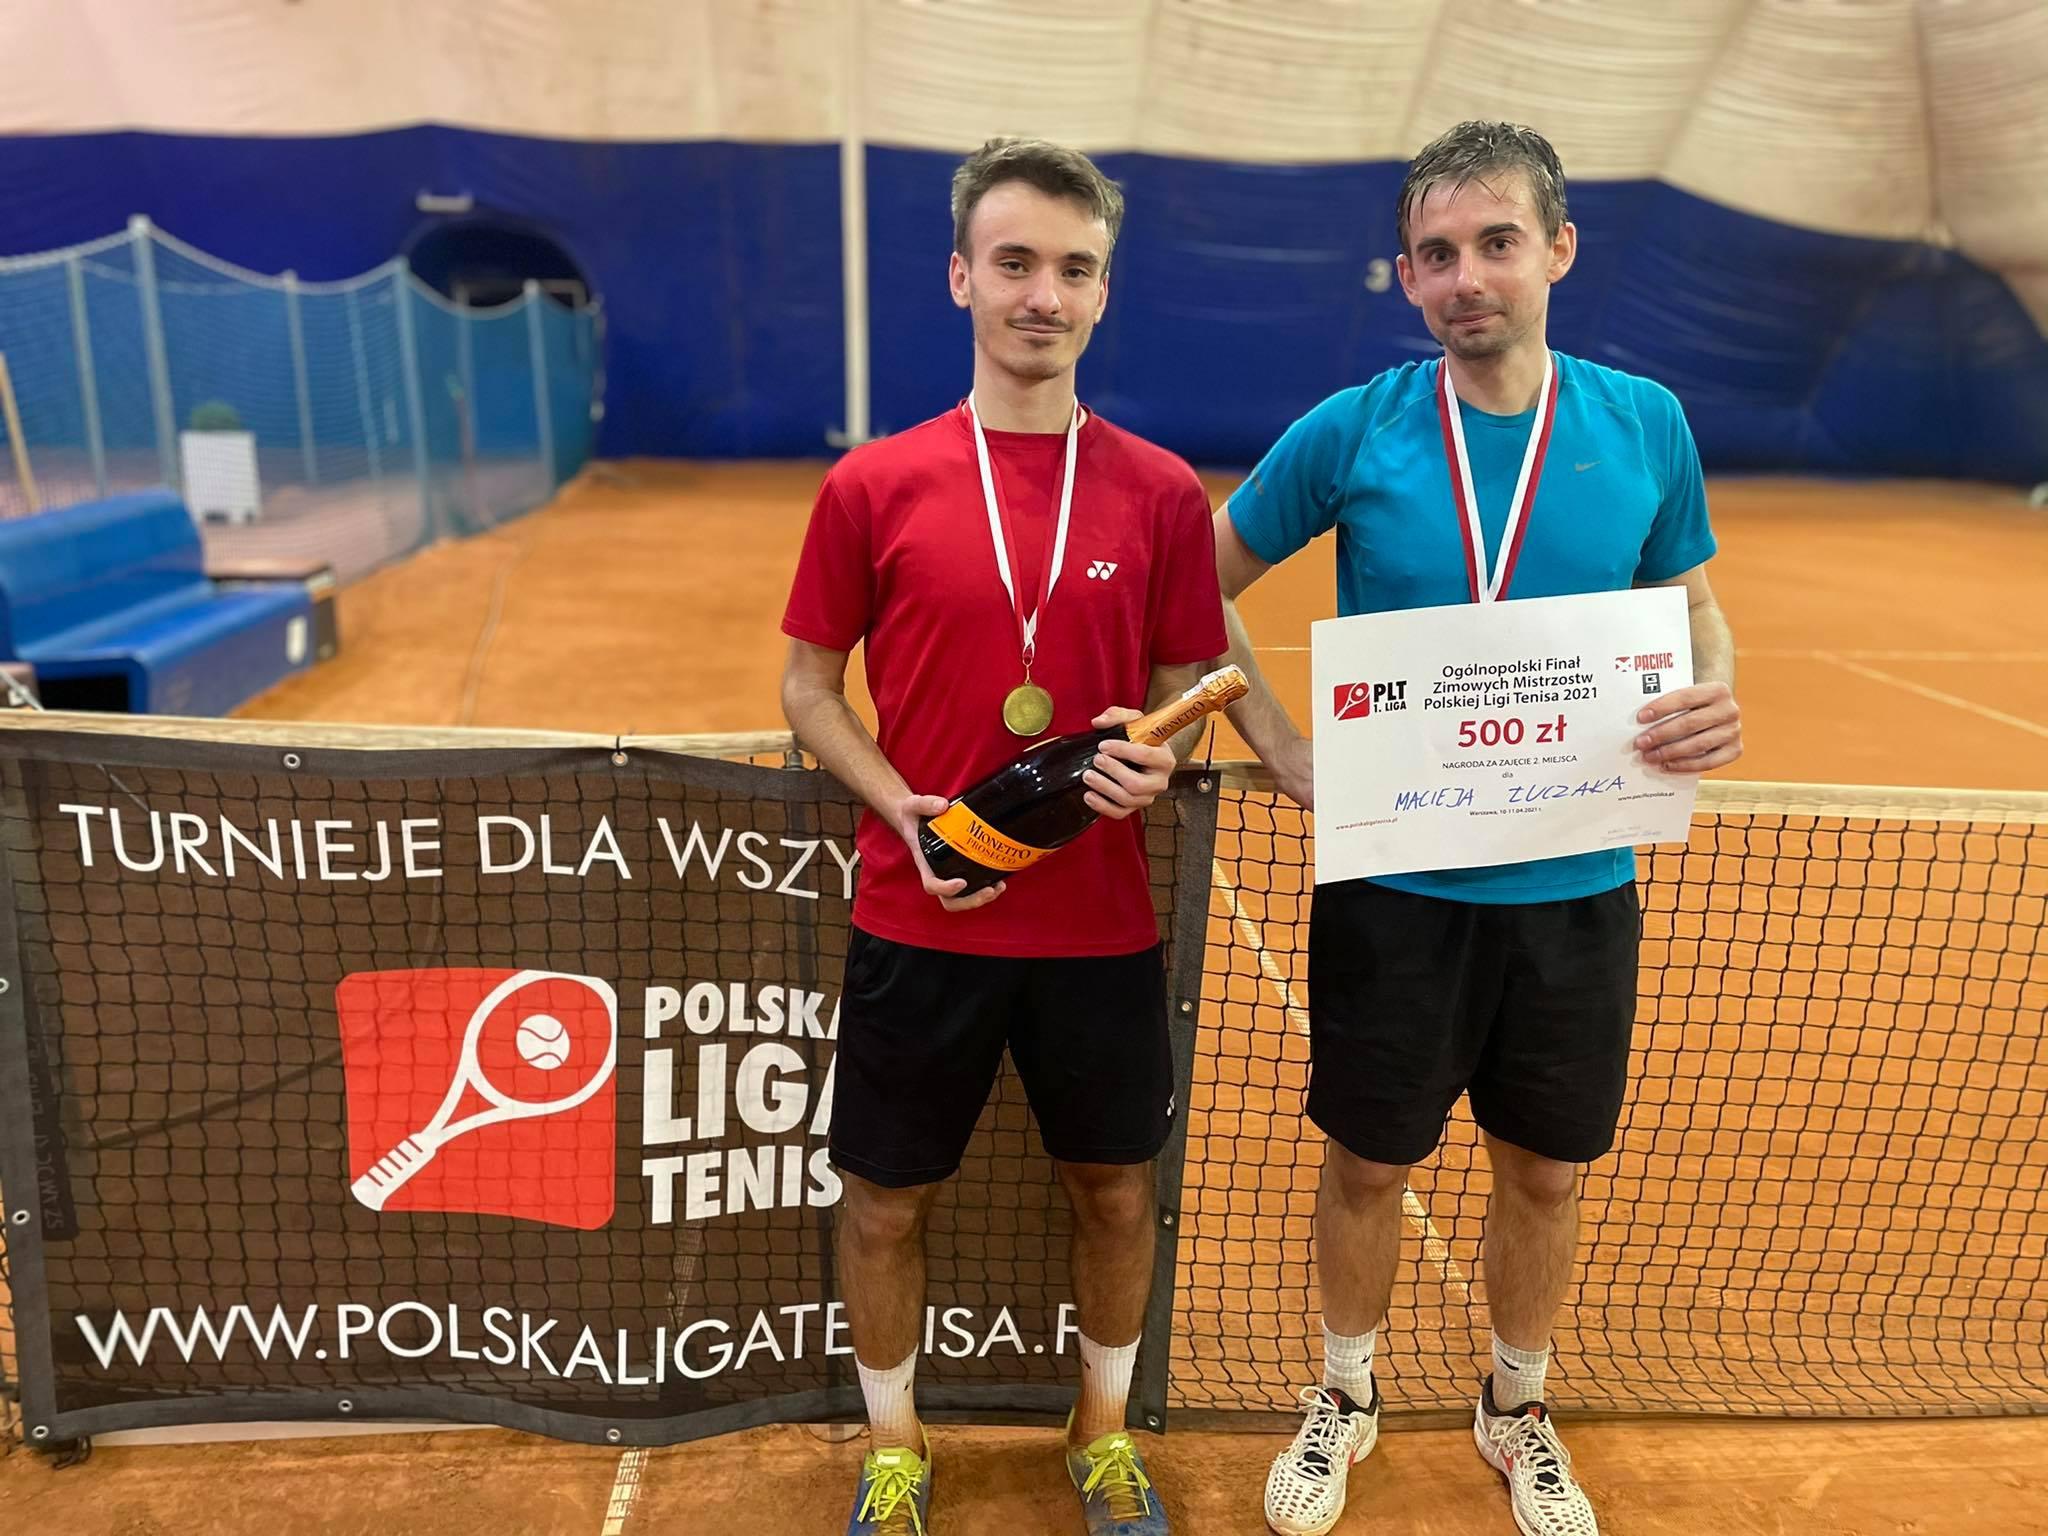 Złote medale Zimowych Mistrzostw Polskiej Ligi Tenisa 2021 dla Wiśniewskiego, Waleckiego i Galińskiego